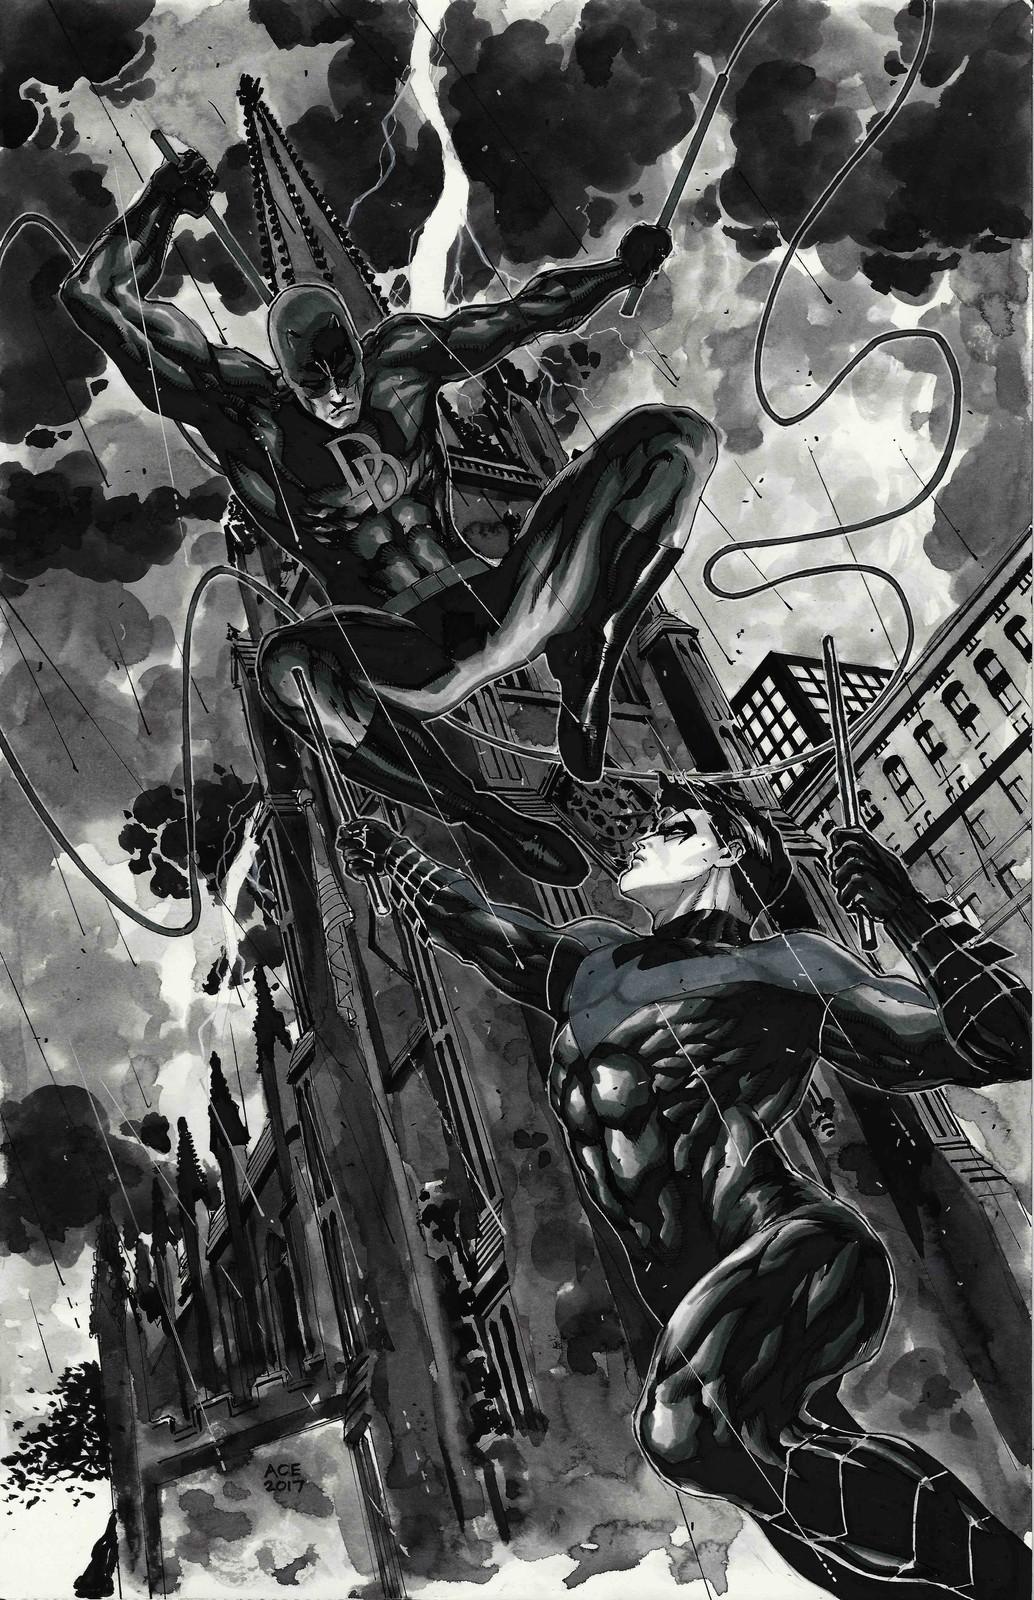 Daredevil vs Nightwing